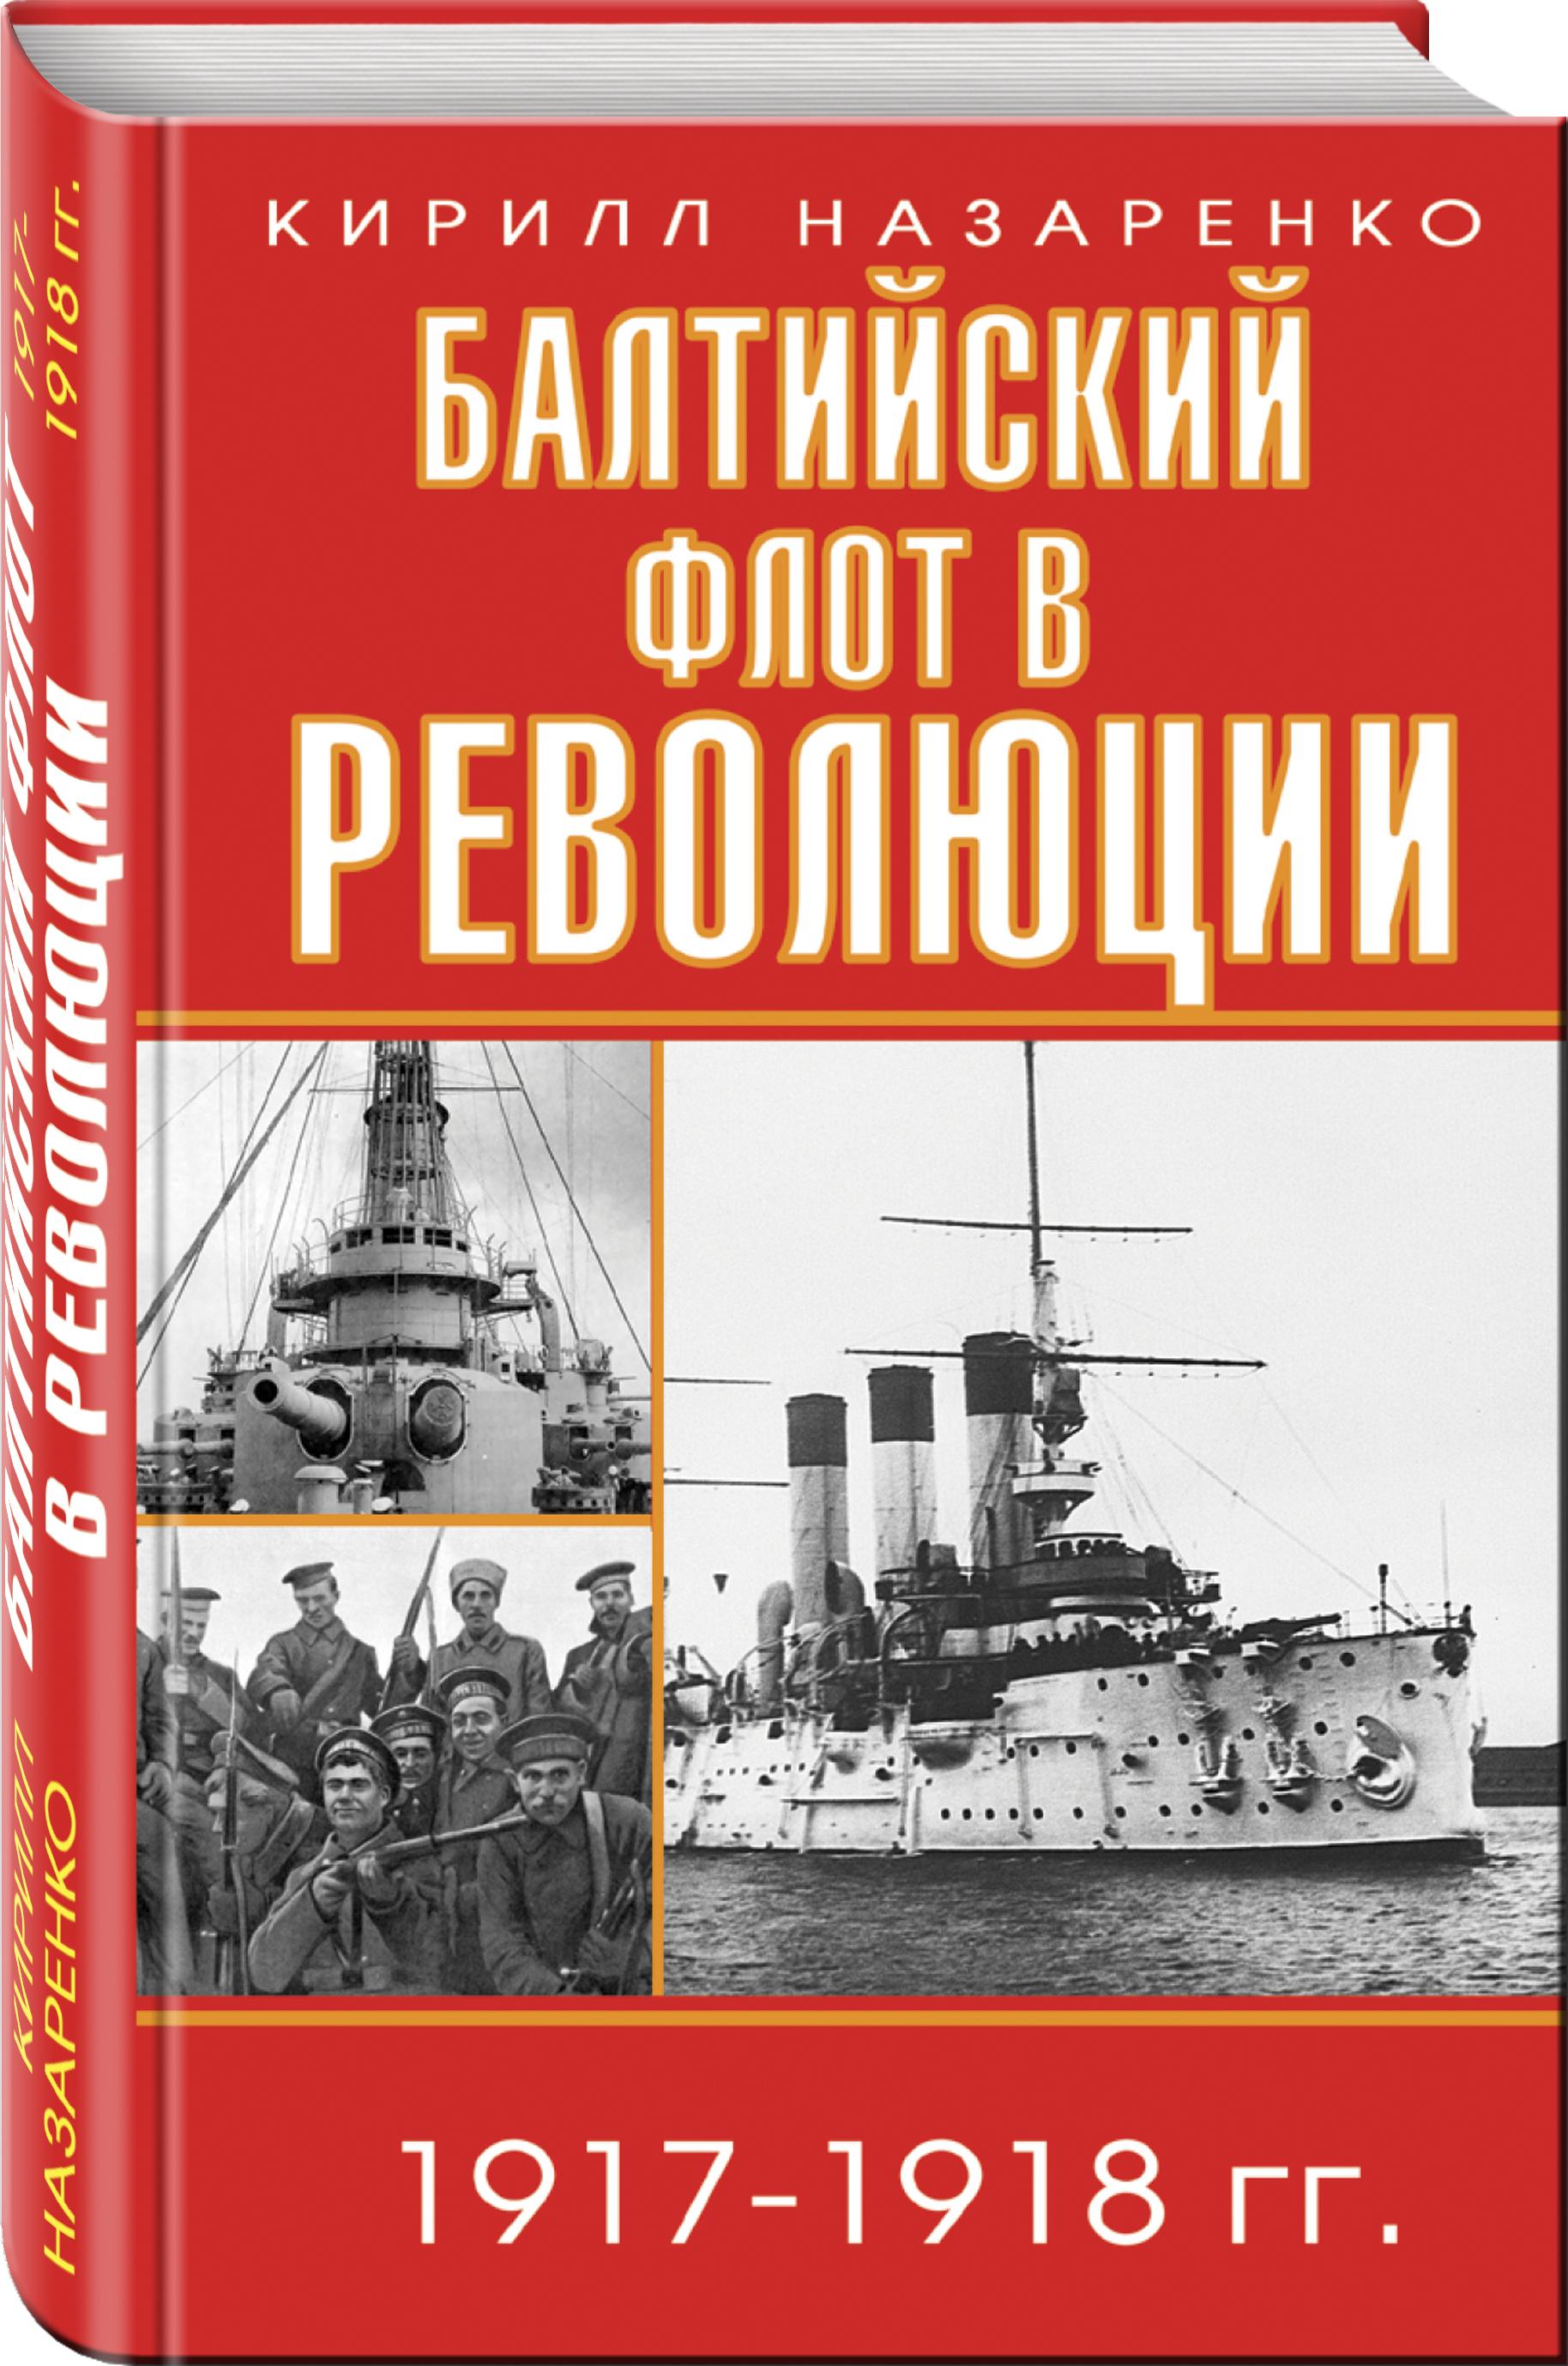 Назаренко К.Б. Балтийский флот в революции 1917-1918 гг. великая годовщина пролетарской революции 25 октября 1917 7 ноября 1918